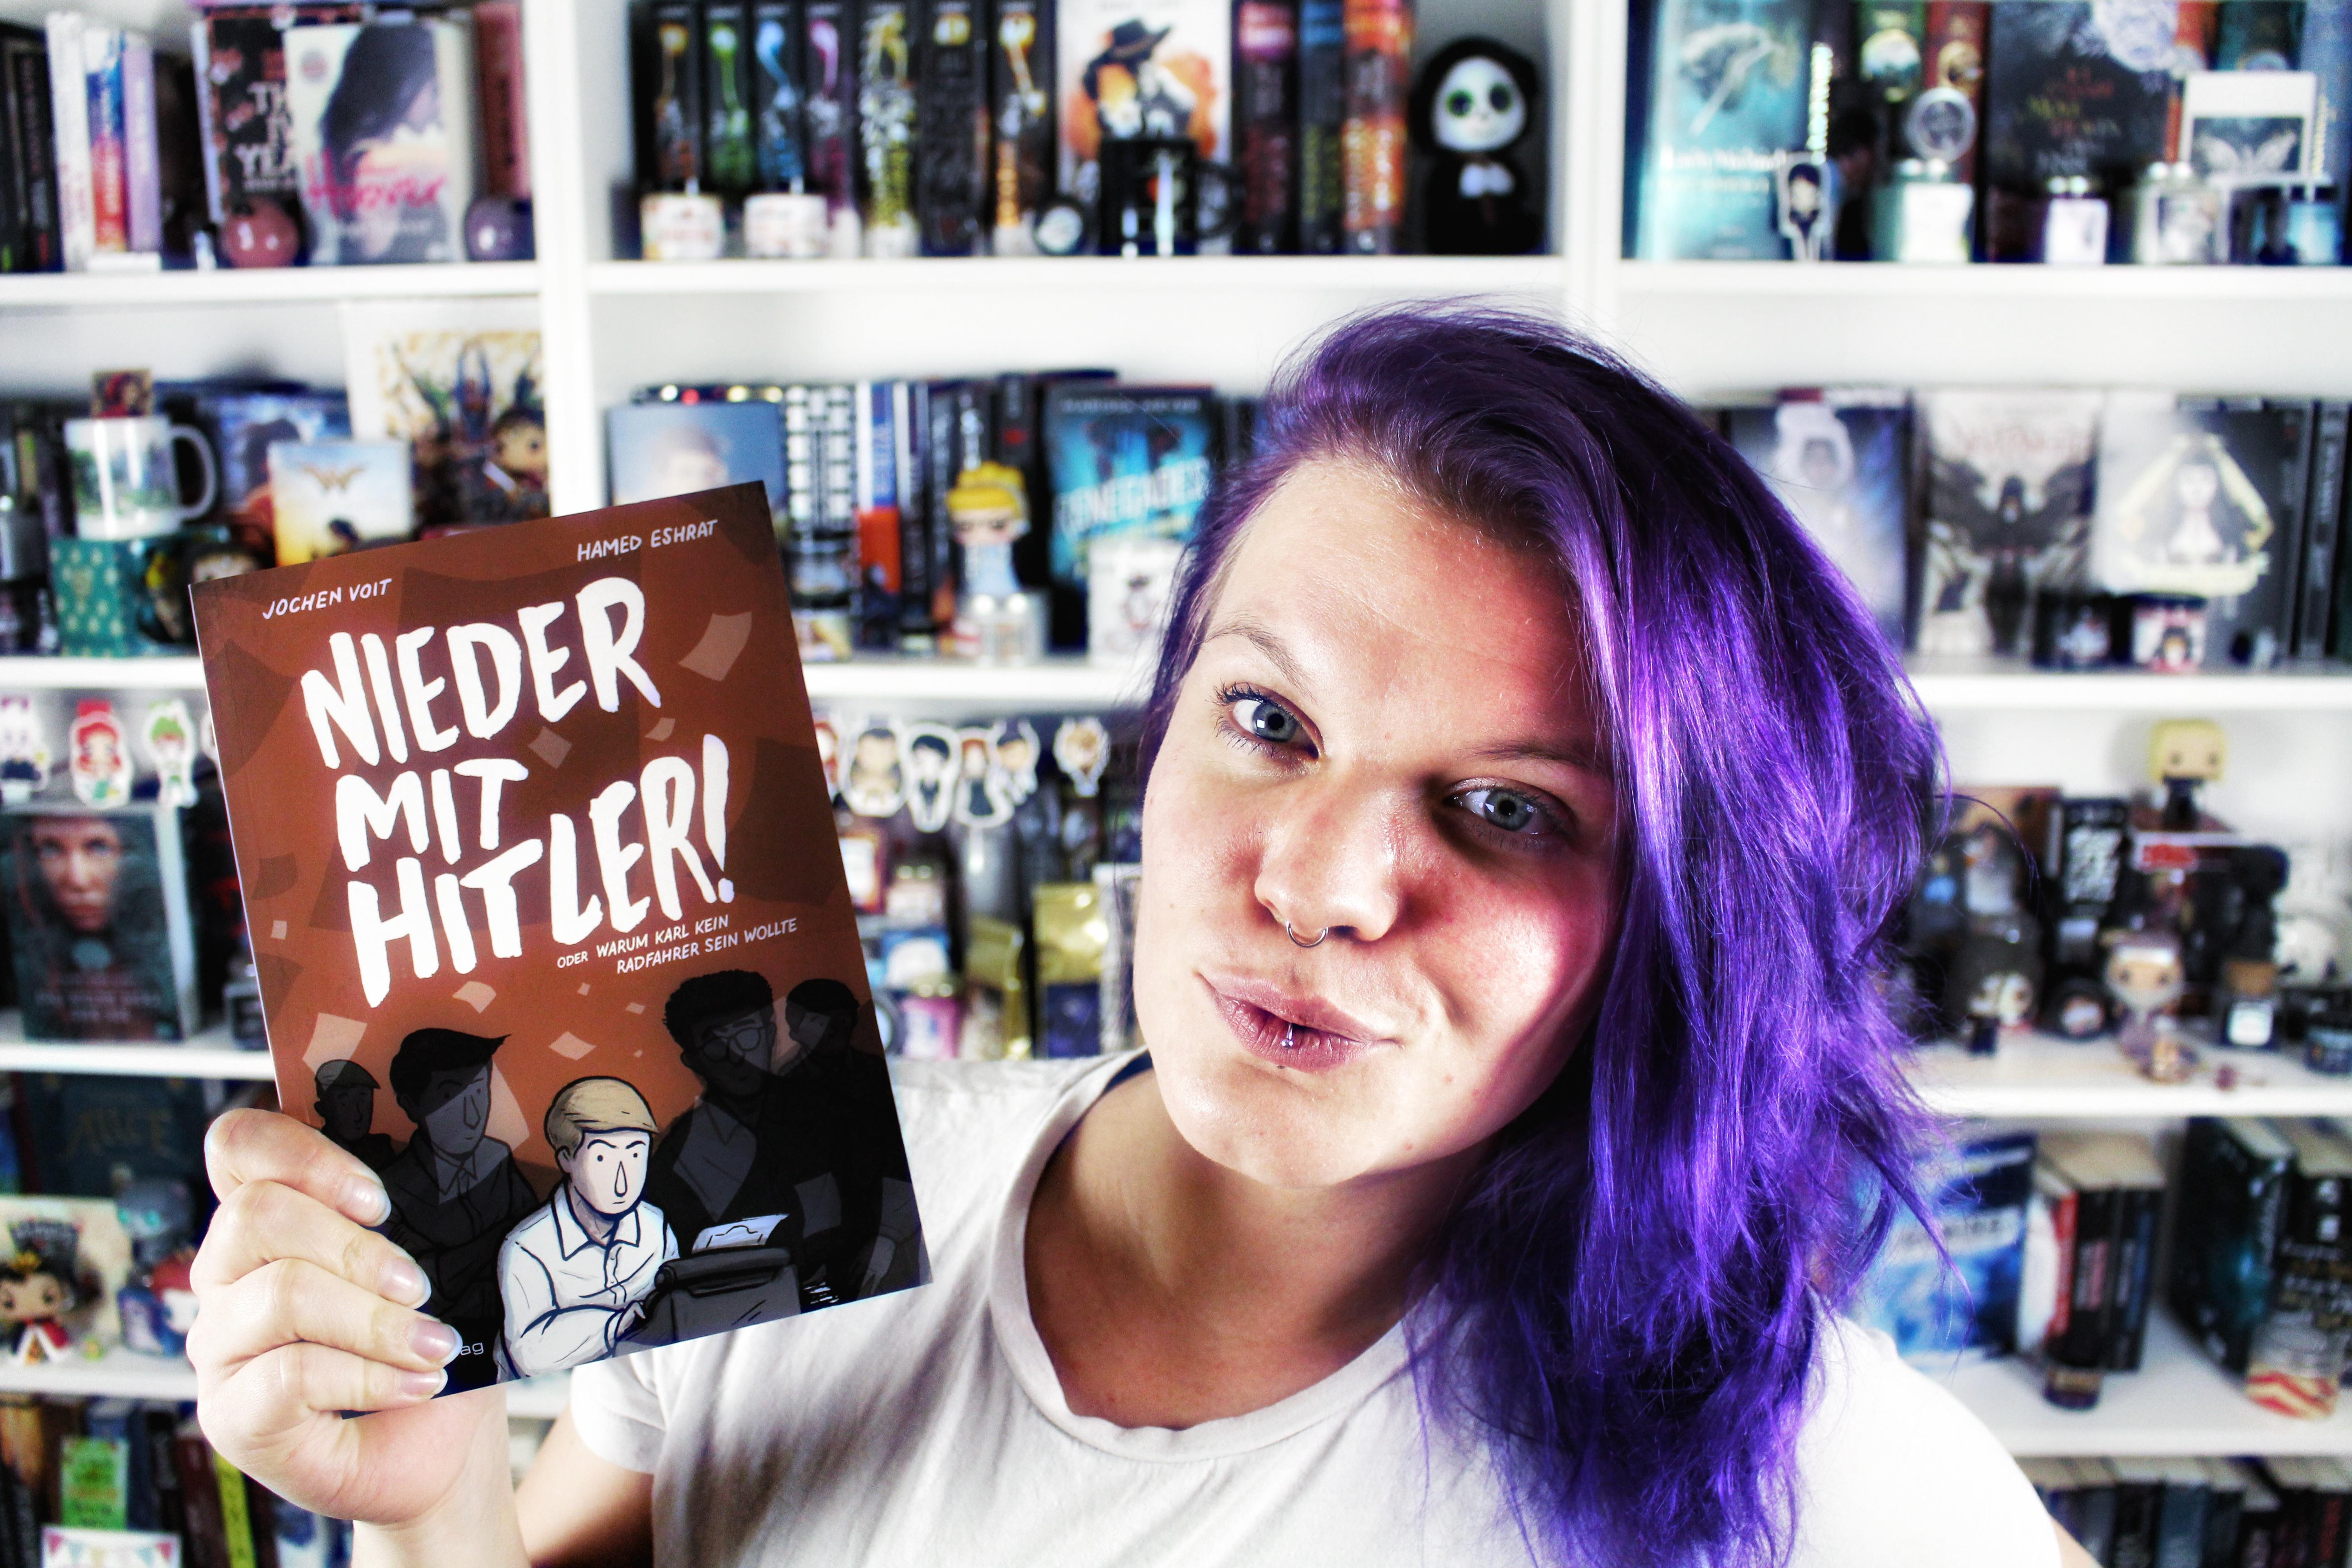 Rezension | Nieder mit Hitler! von Jochen Voit & Hamed Eshrat